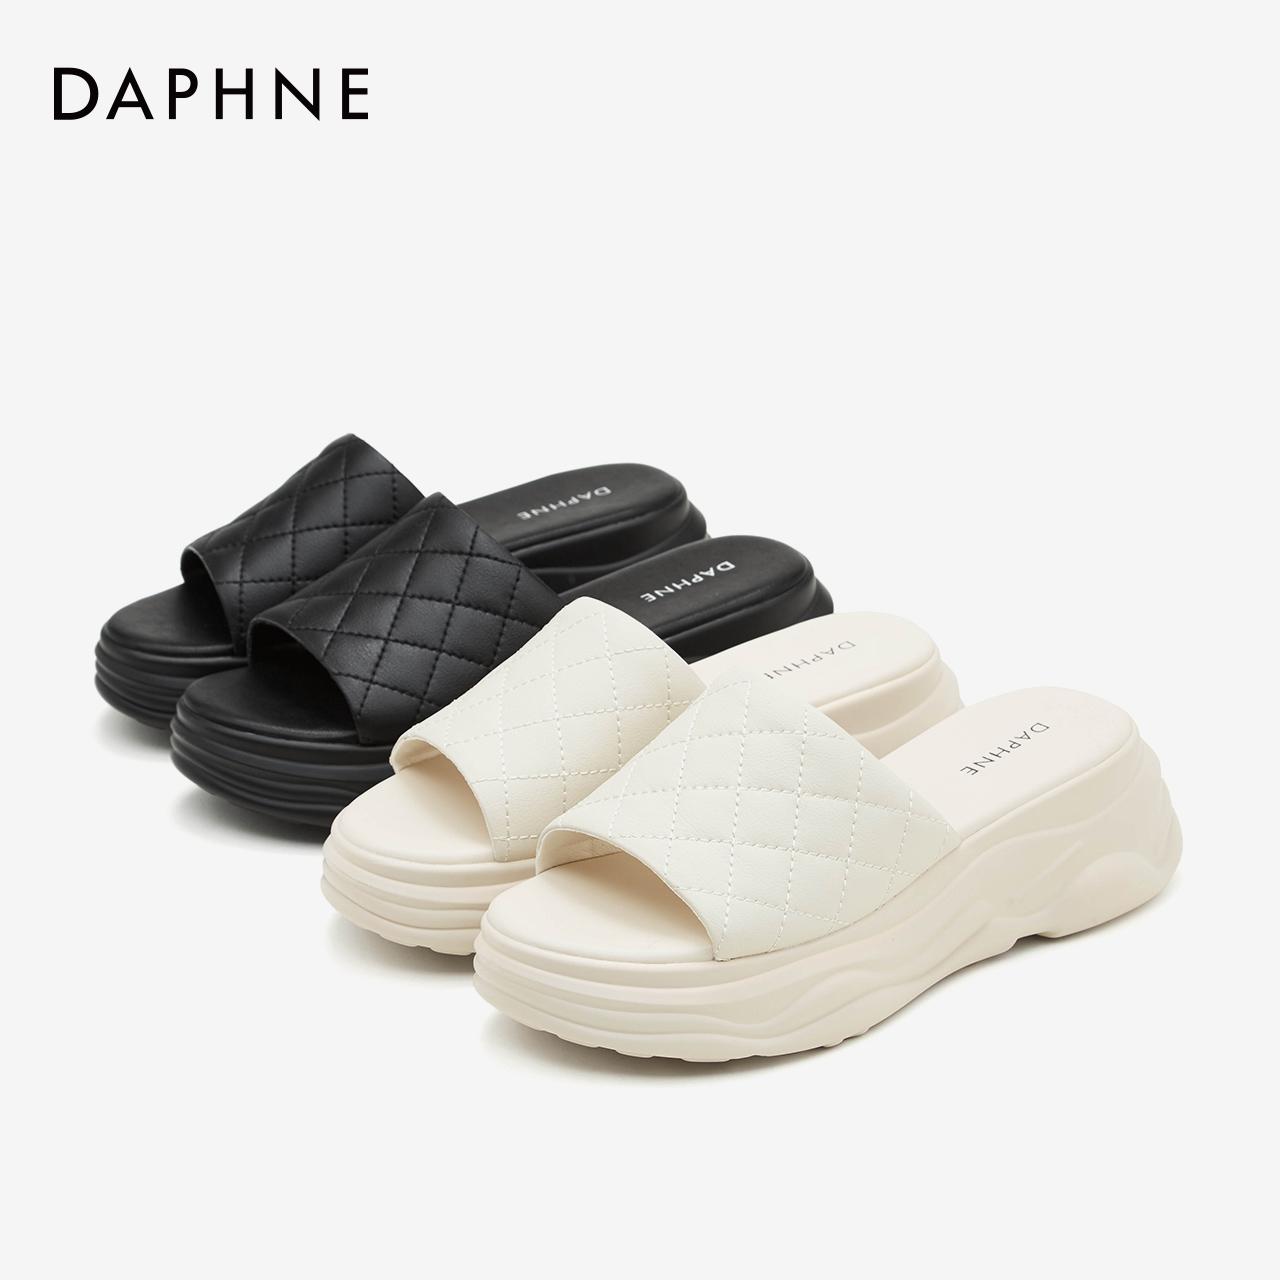 夏季新款女鞋时尚外穿外穿拖鞋 2020 达芙妮厚底拖鞋女 预售 618